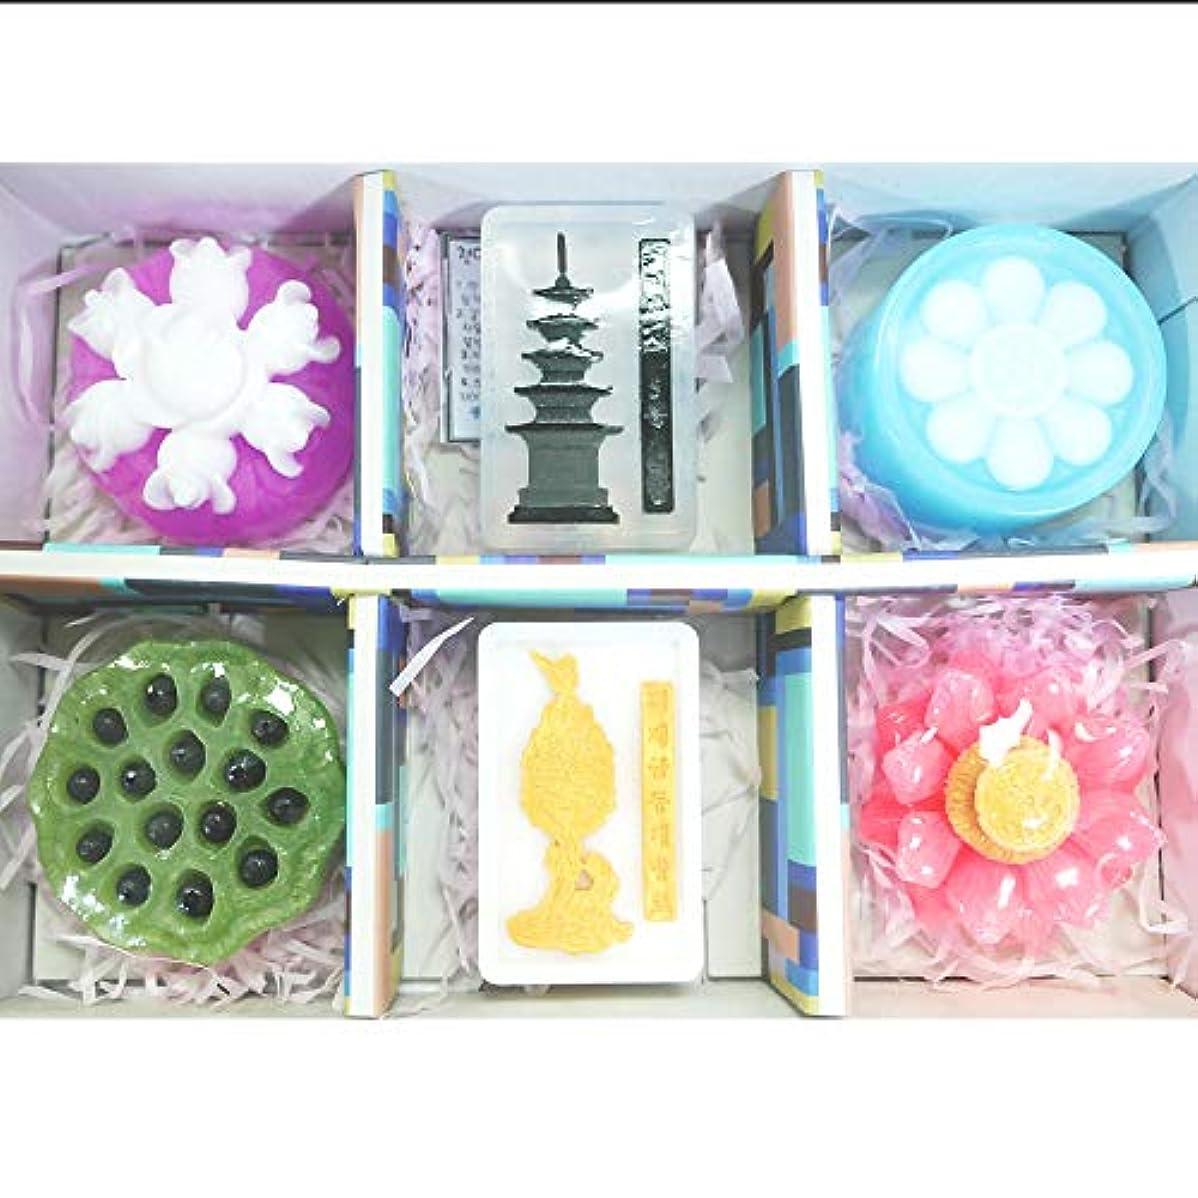 ミュート宙返り語[ソドン] 韓国 百済 手漉き石鹸 1 セット(3.5オンスx 6石鹸)